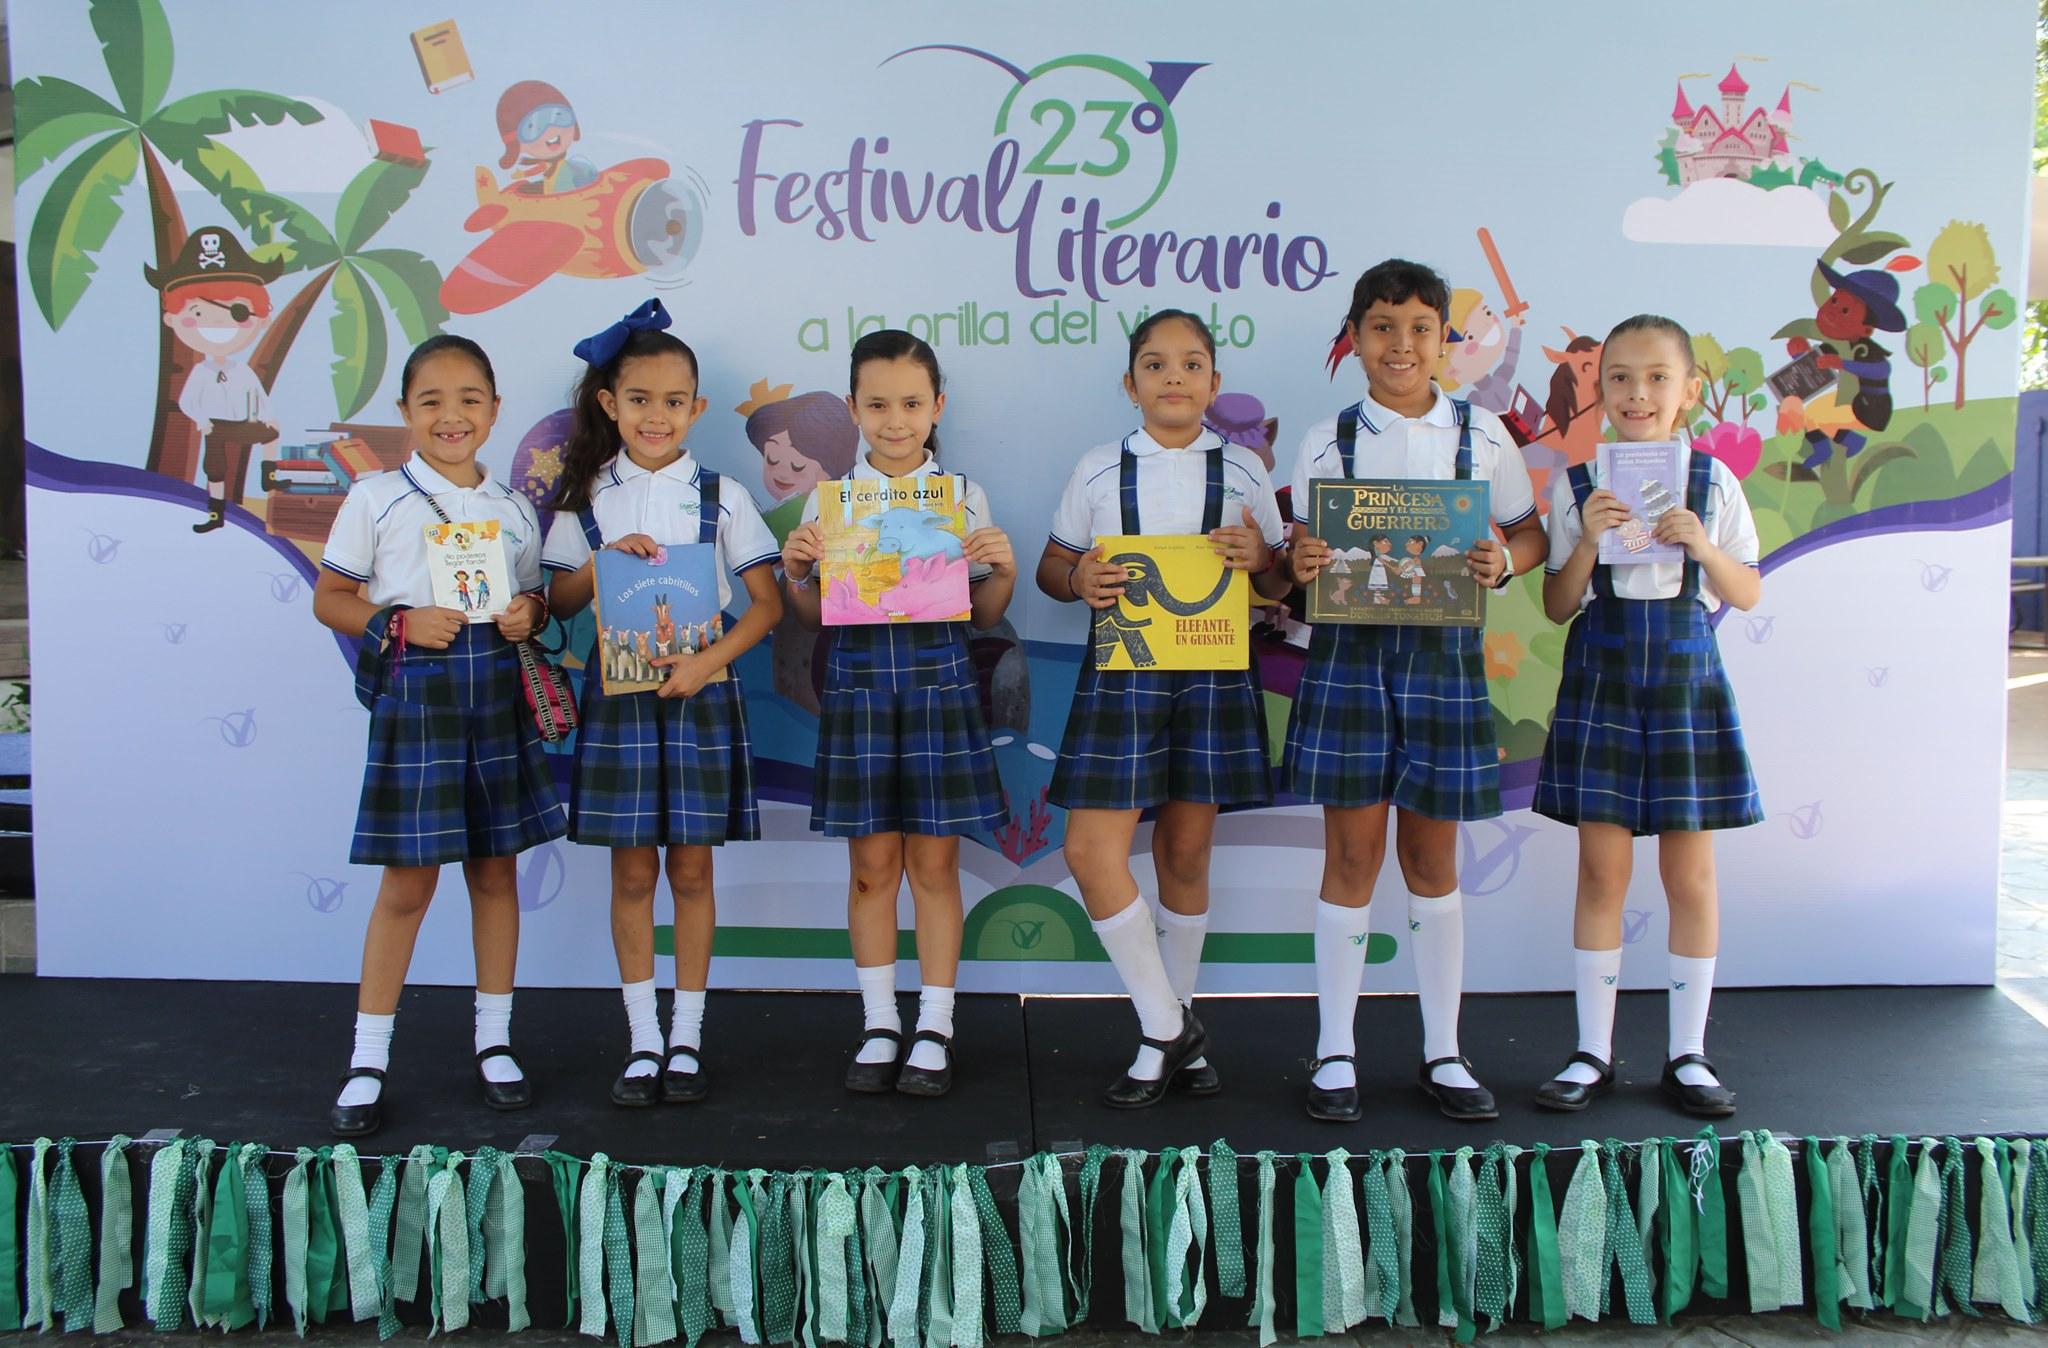 """Festival Literario """"A la orilla del viento""""."""